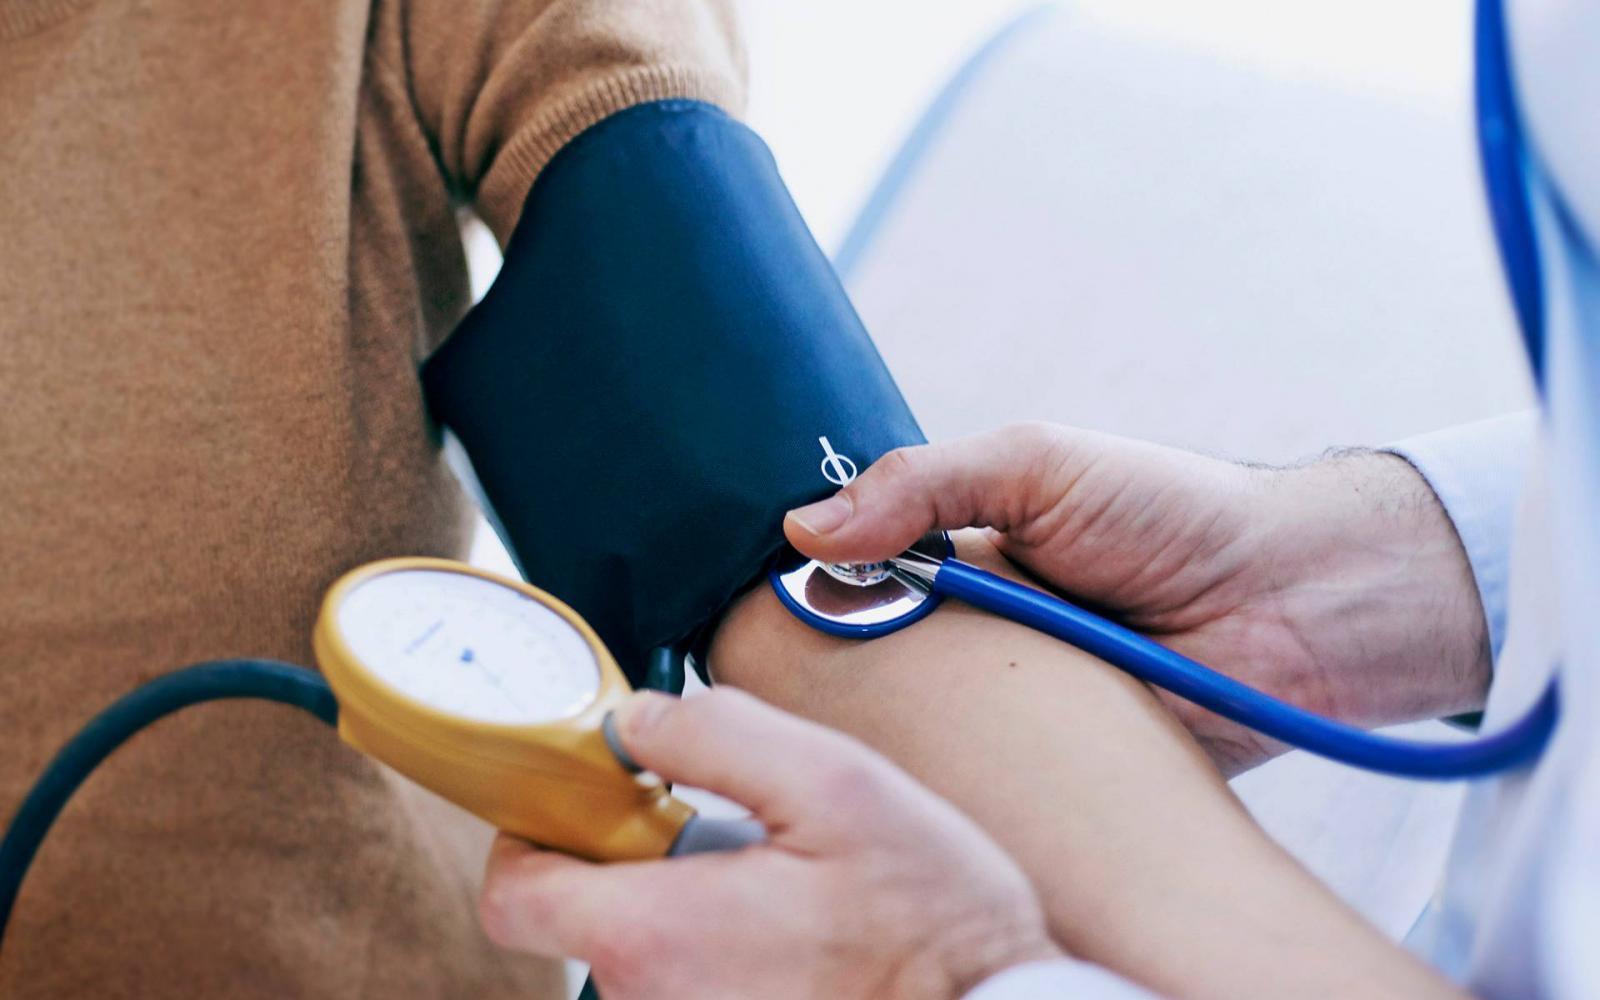 magas vérnyomás miatt regisztrálták)